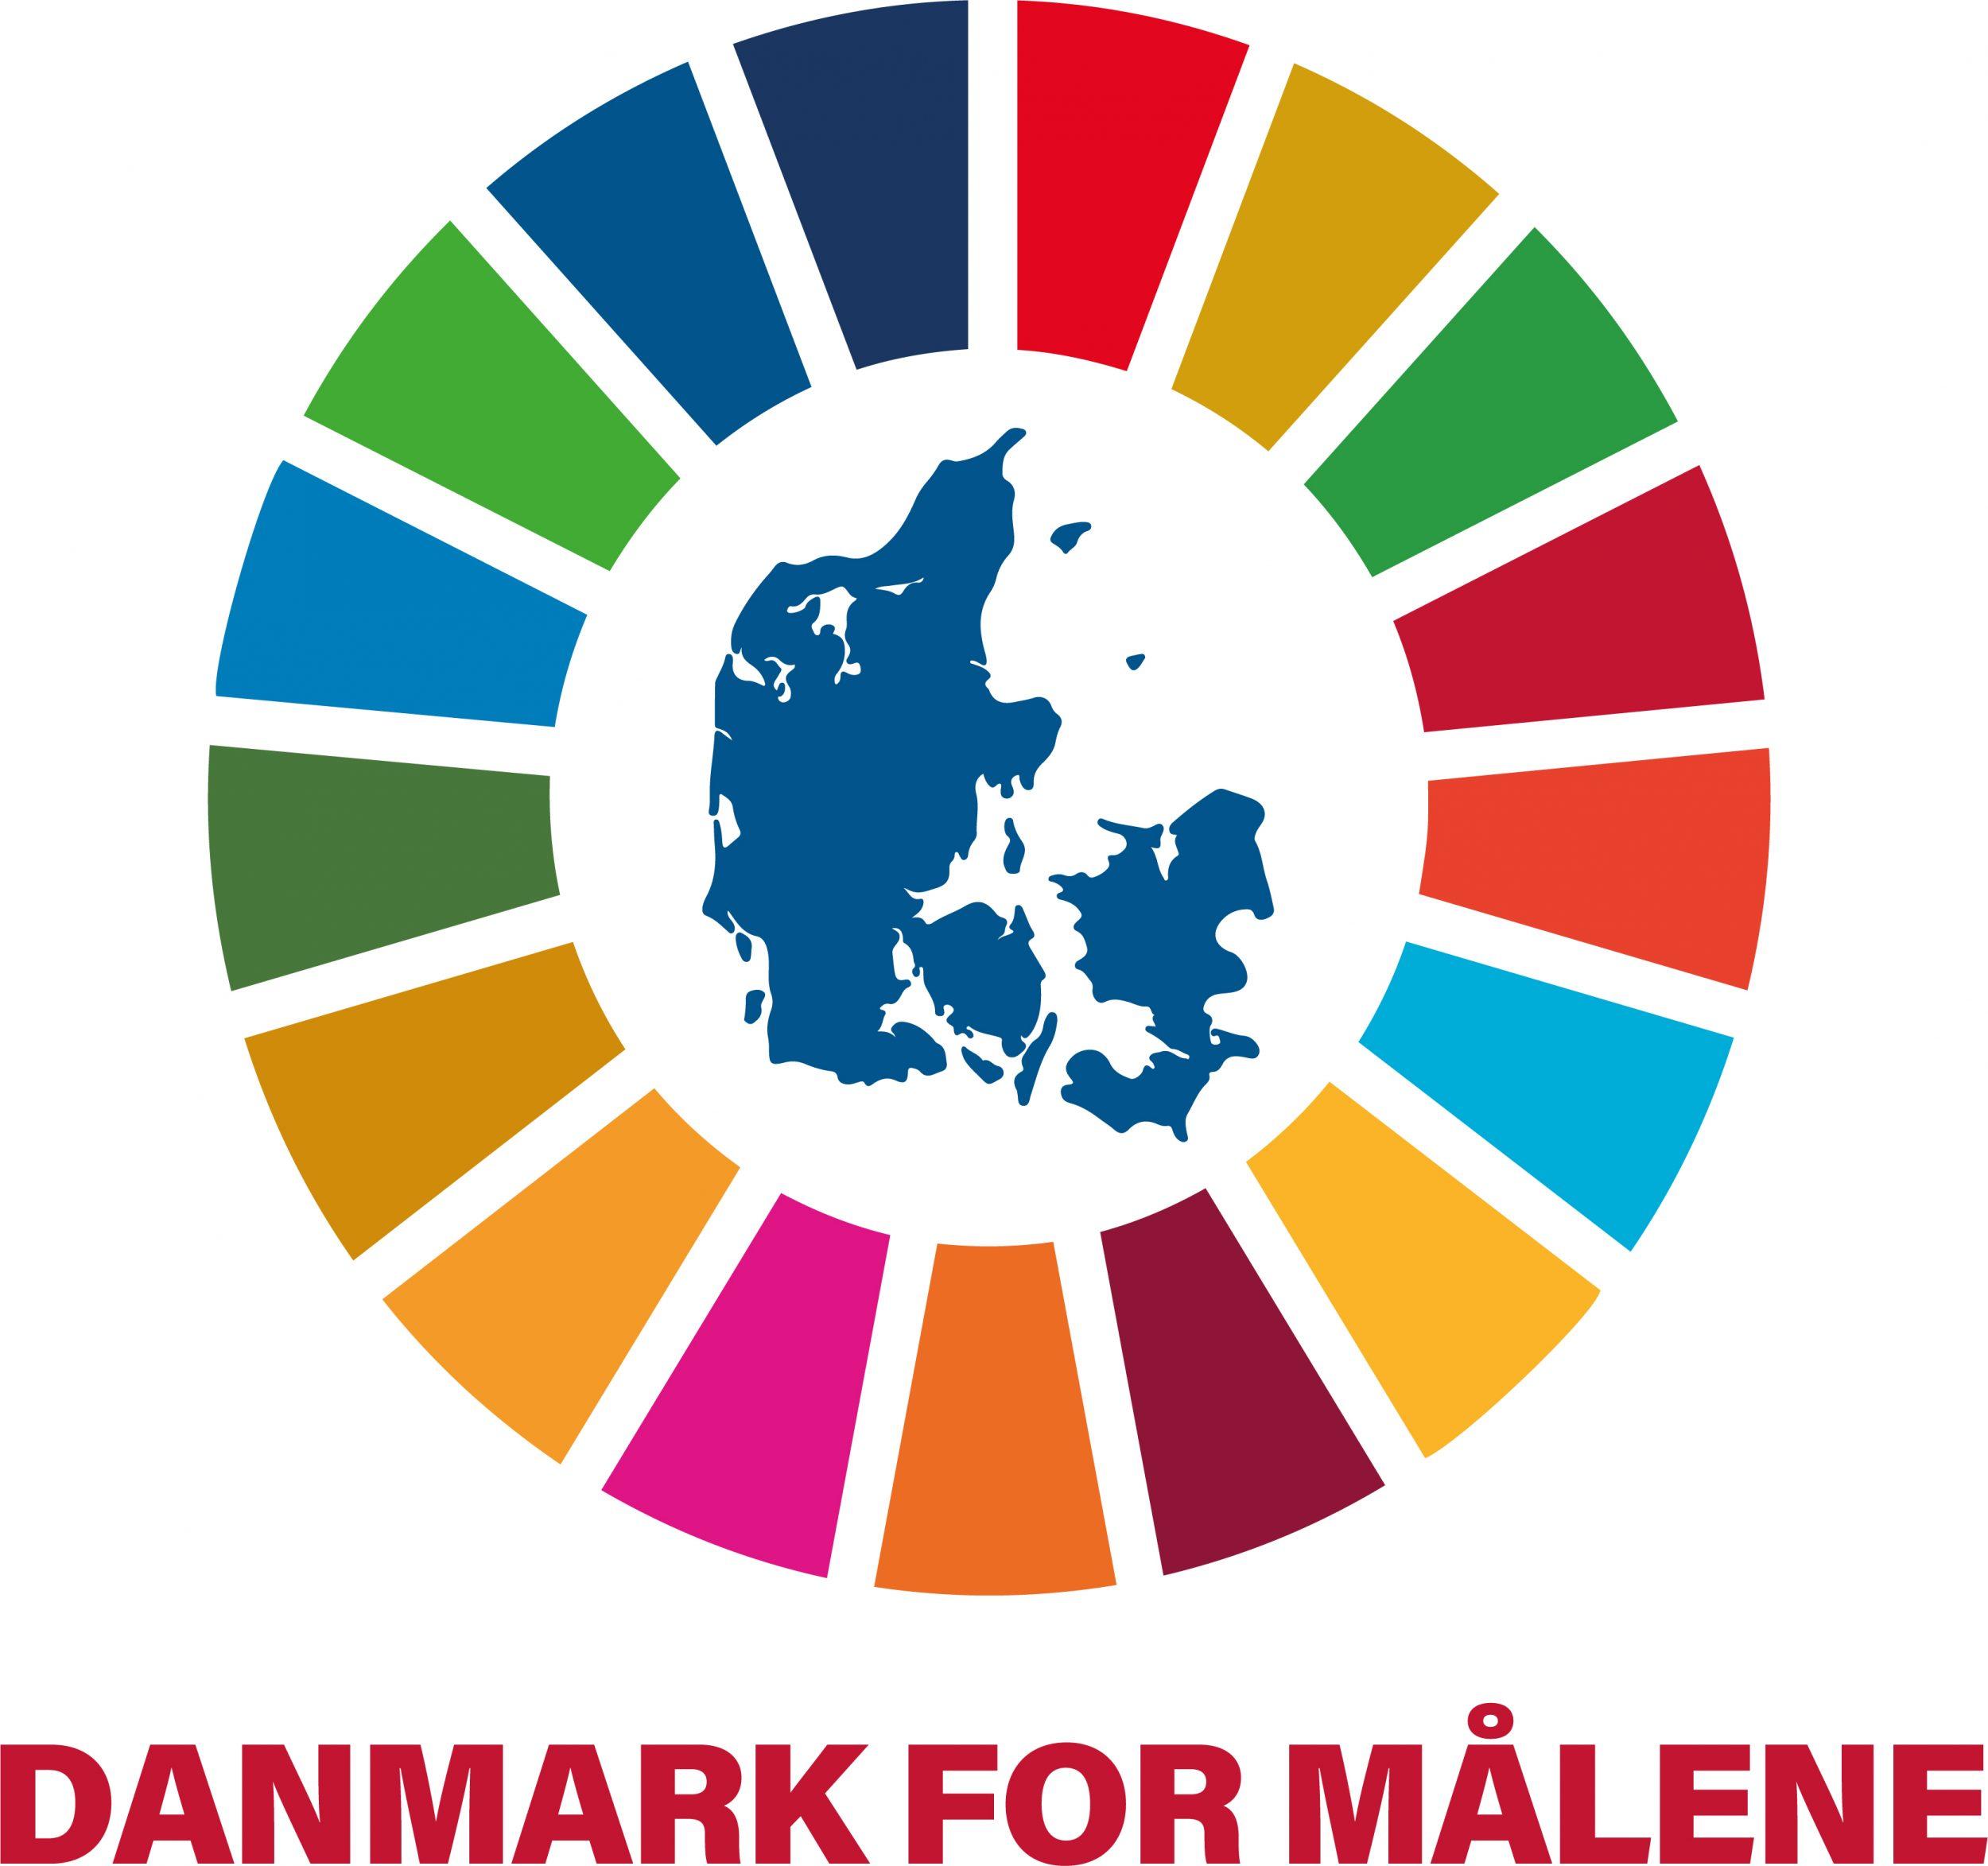 Danmark_for_mene_logo_og_sdg_ring__2019_03_21_RF-kopi.jpg